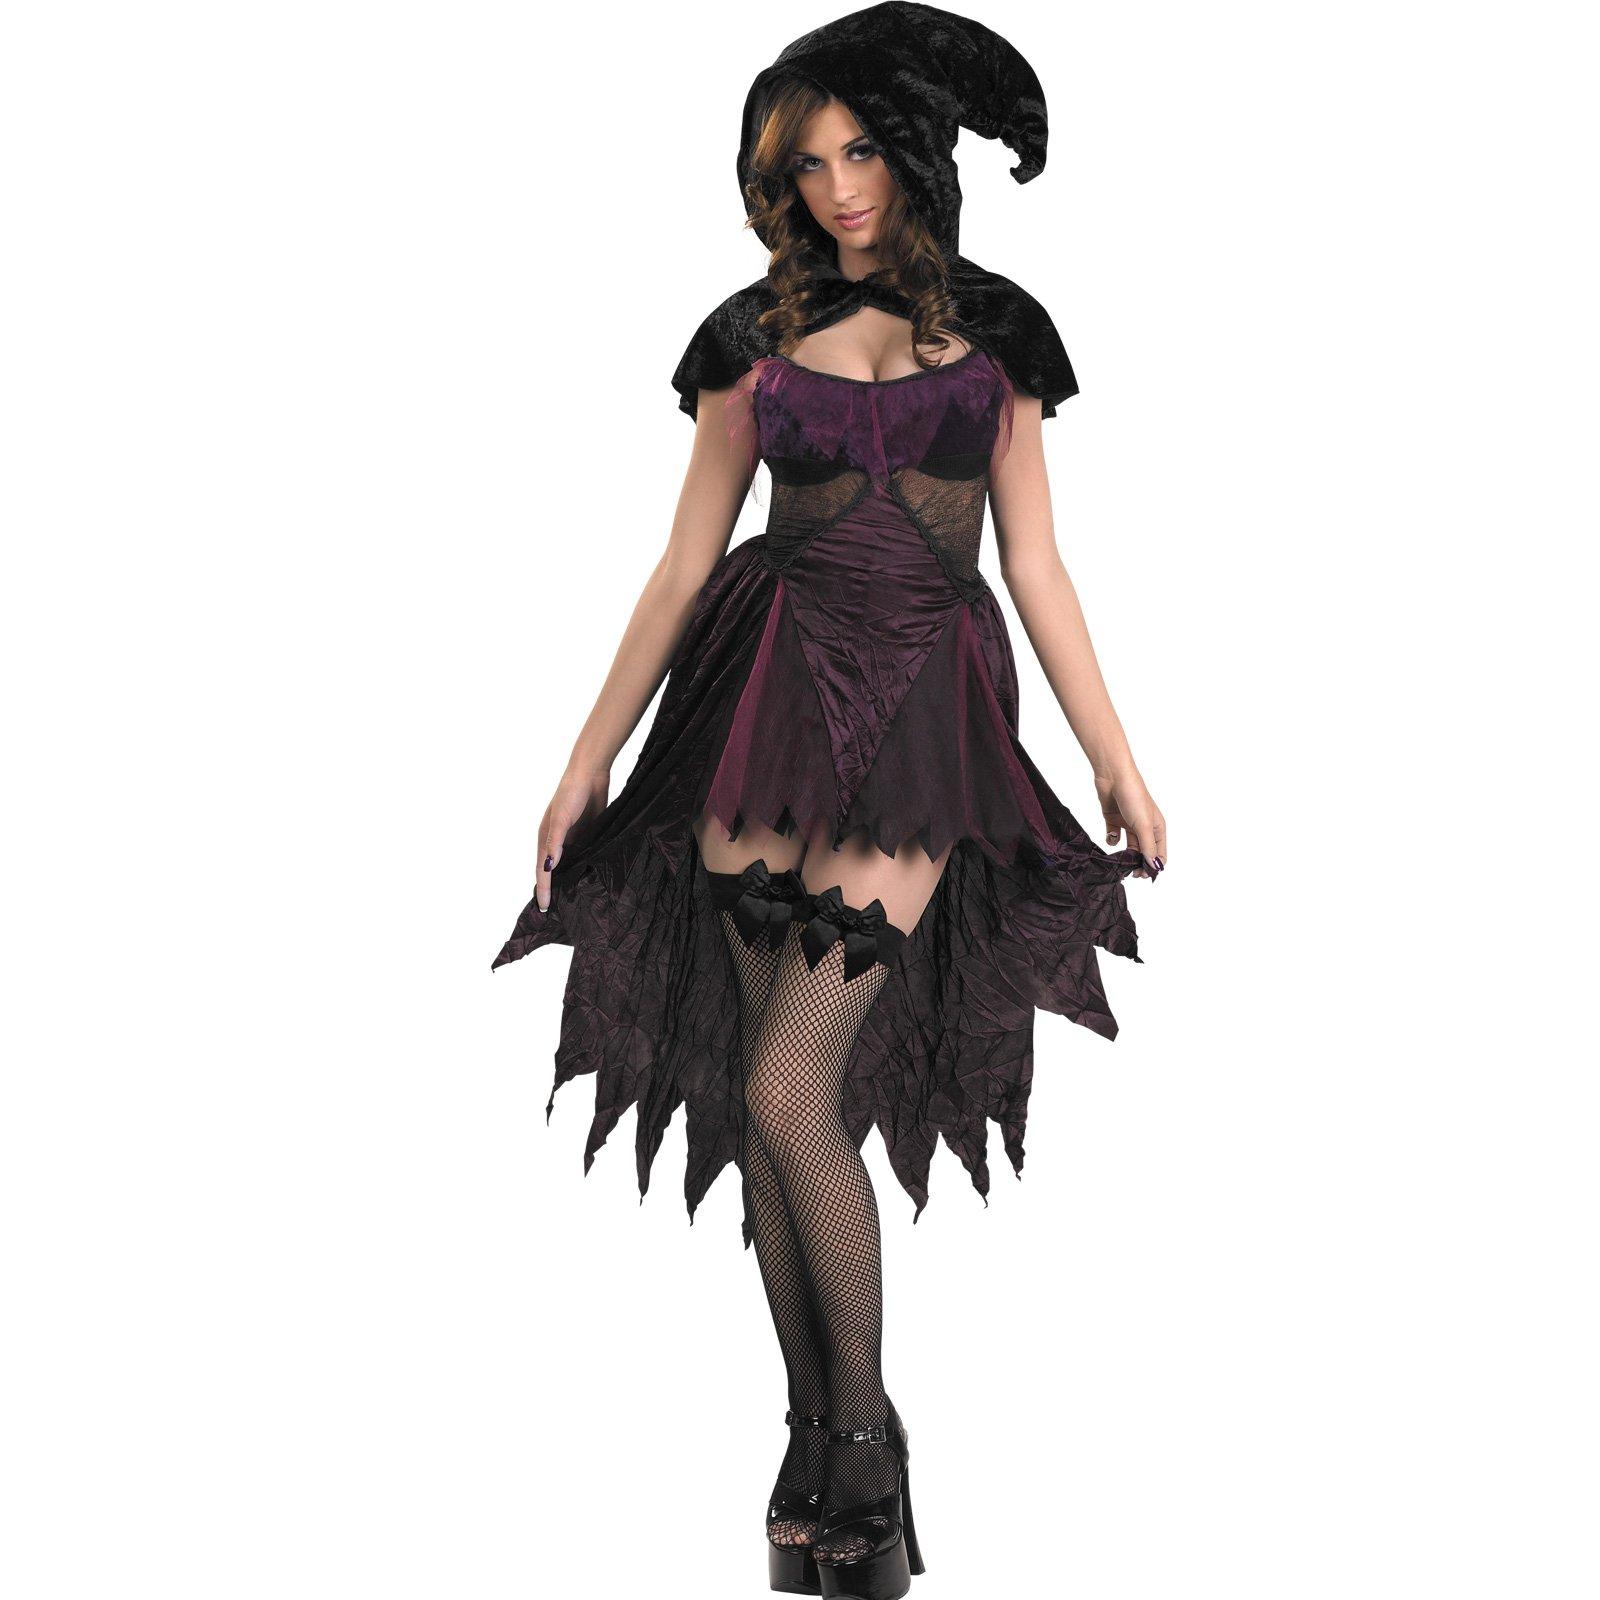 Ola xicas... os he adjuntado unas fotos de disfraces de halloween ...